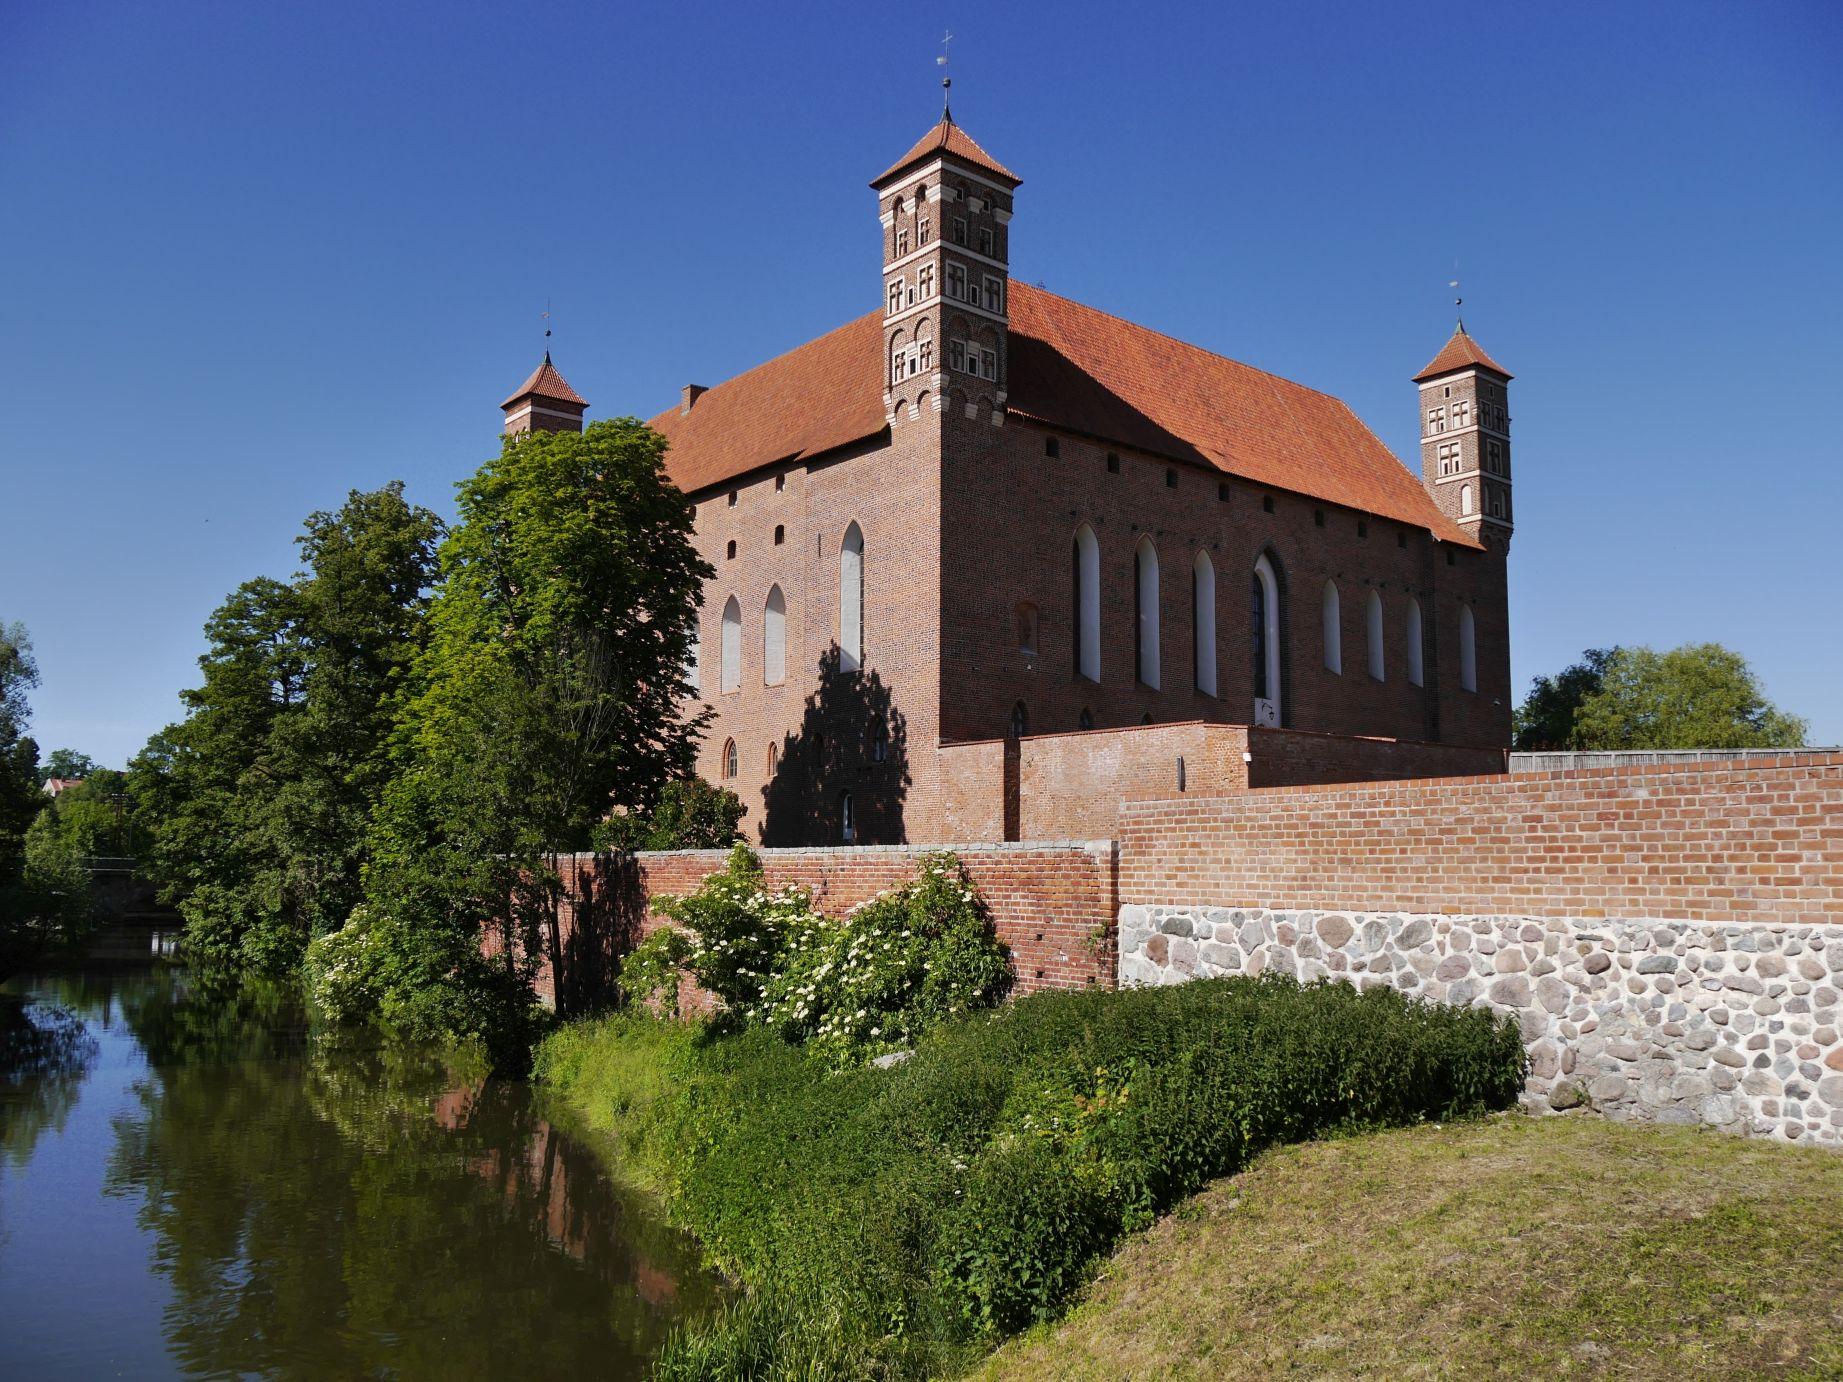 Ordensburg in Heilsberg (Lidzbark Warmiński)